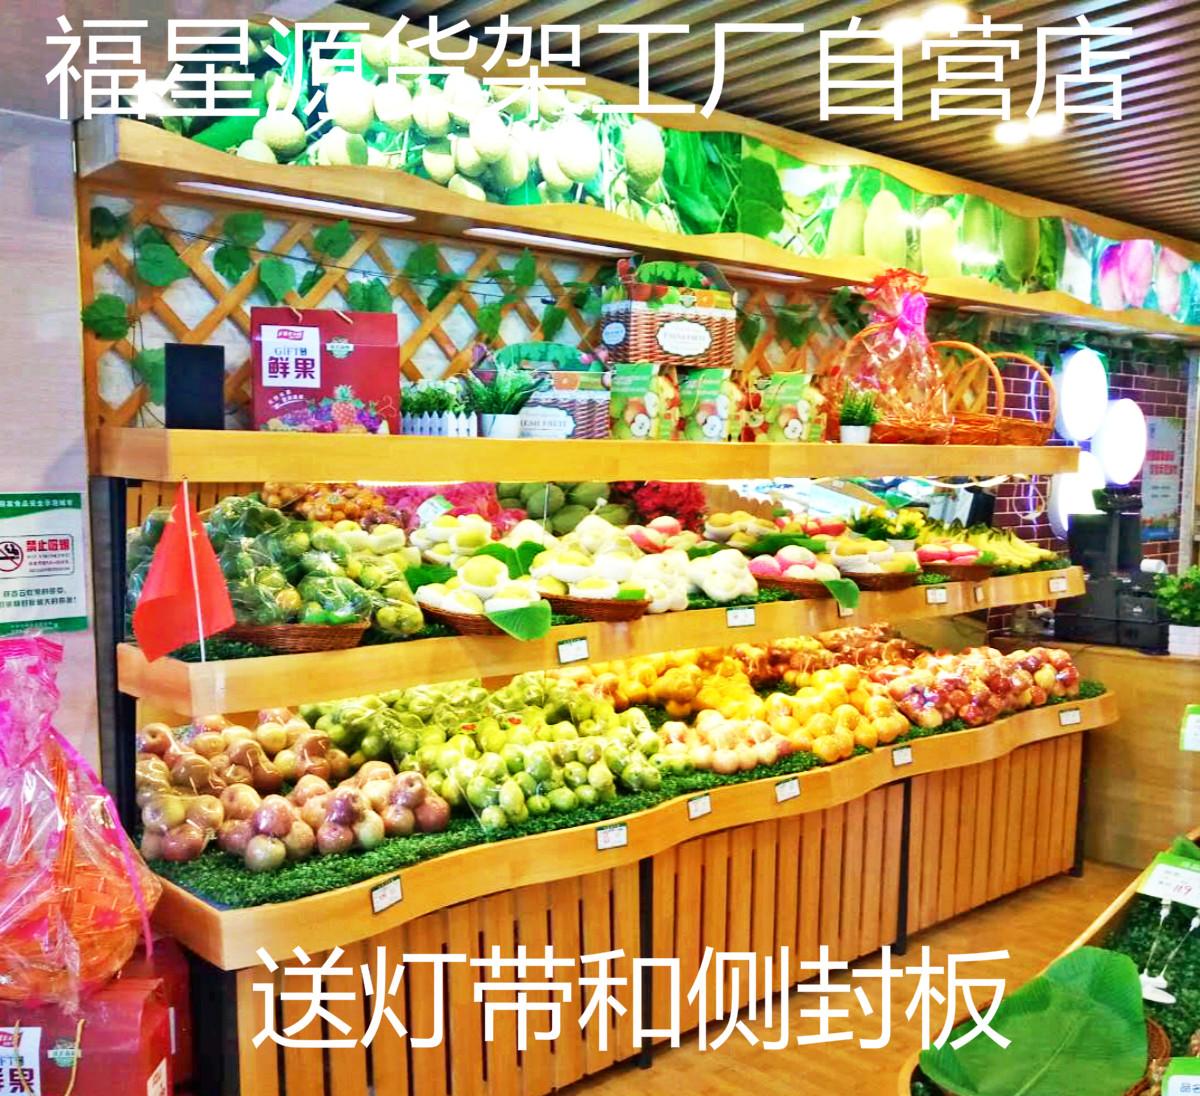 深圳定制水果架水果店波浪货架超市百果园果蔬架水果中岛柜堆头柜